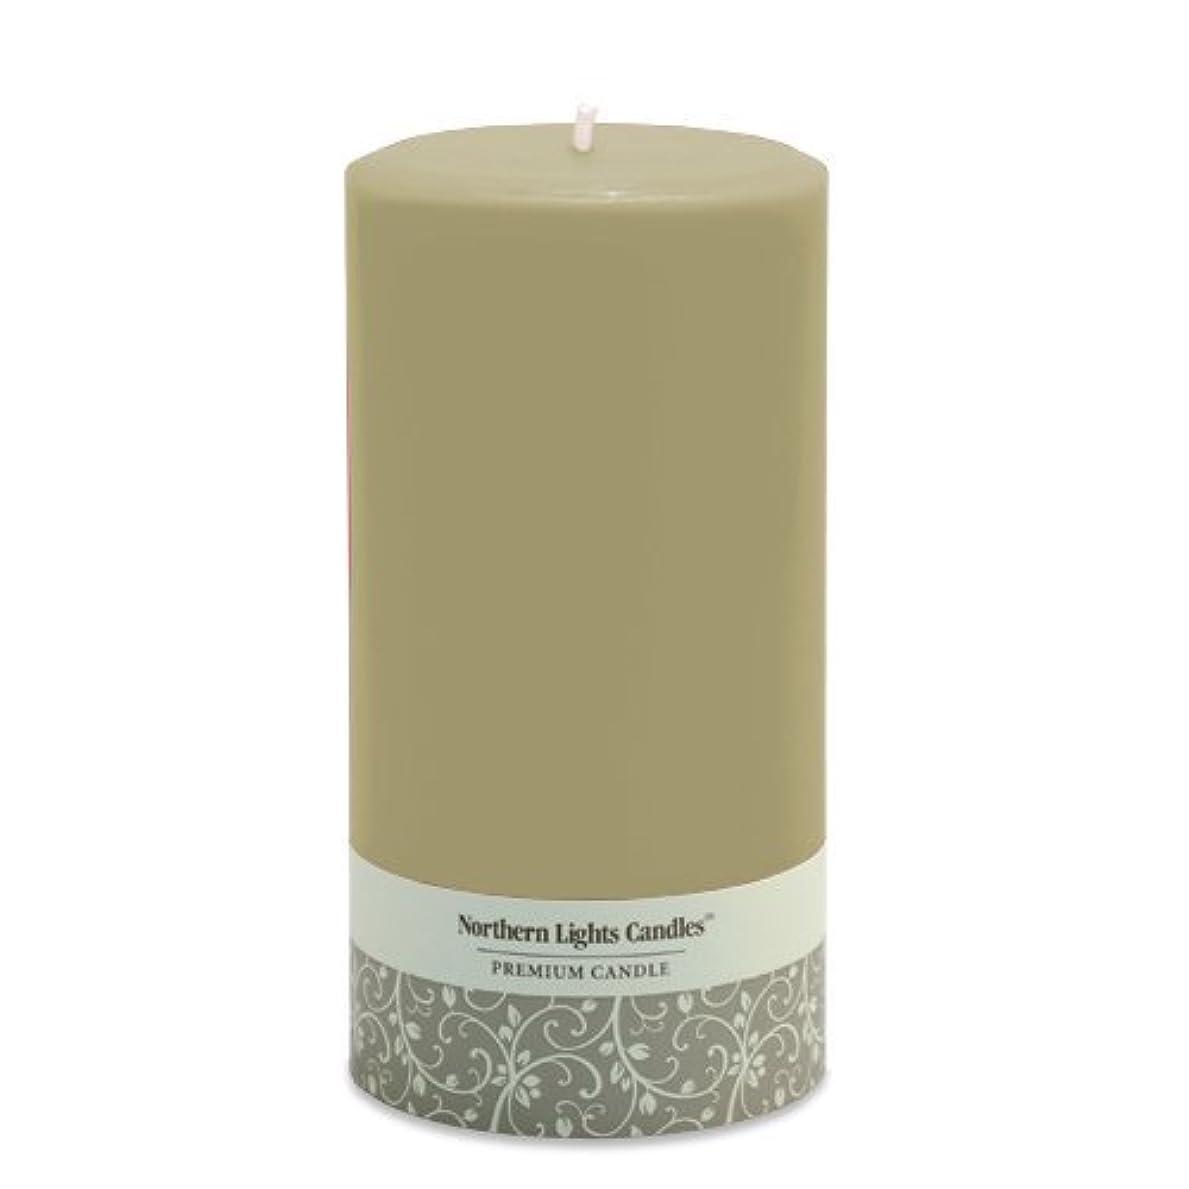 細心のアーティキュレーション省略するNorthern Lights Candles Fragrance Free Pillar Candle, 3 by 6-Inch, Sand [並行輸入品]